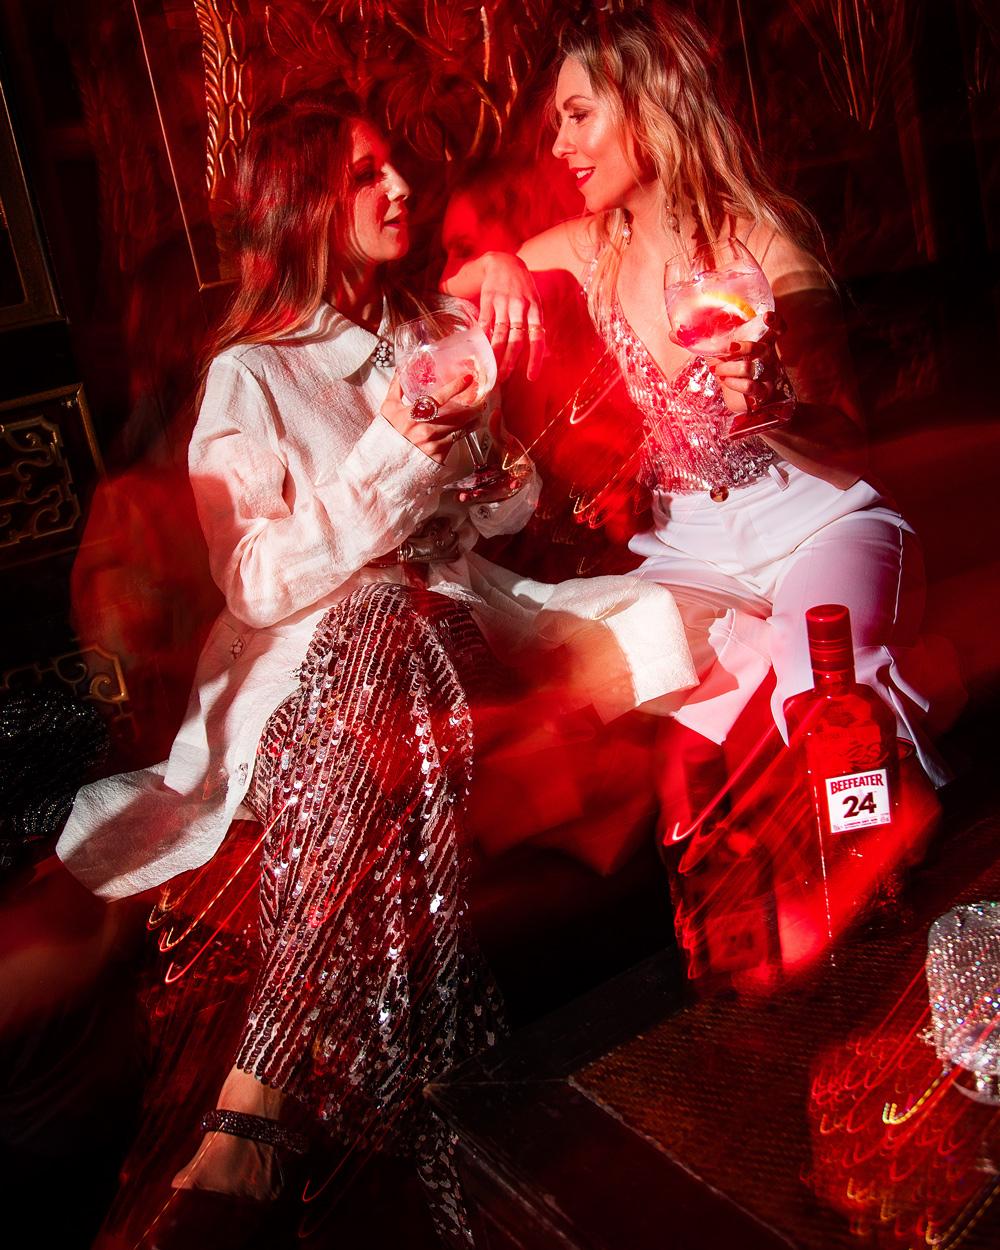 Lichteffekte im Fokus - Beefeater24 x Les Factory Femmes